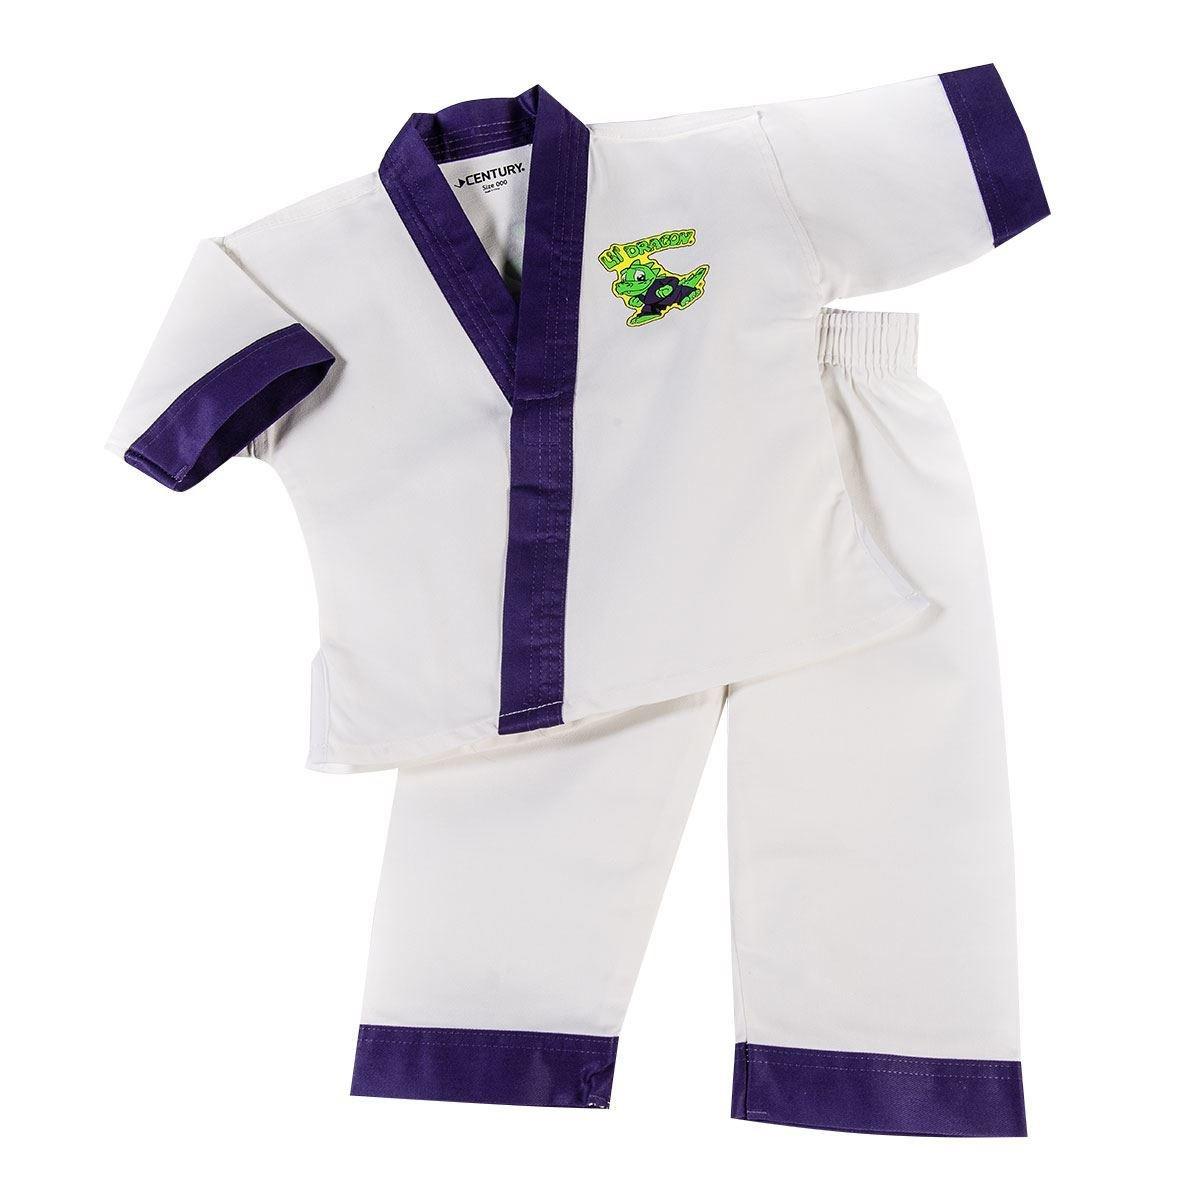 Lil Dragon ' ホワイト Dragon Uniform B00FA6ESGG 0 ホワイト B00FA6ESGG, 日本サプリ:18d6e858 --- capela.dominiotemporario.com